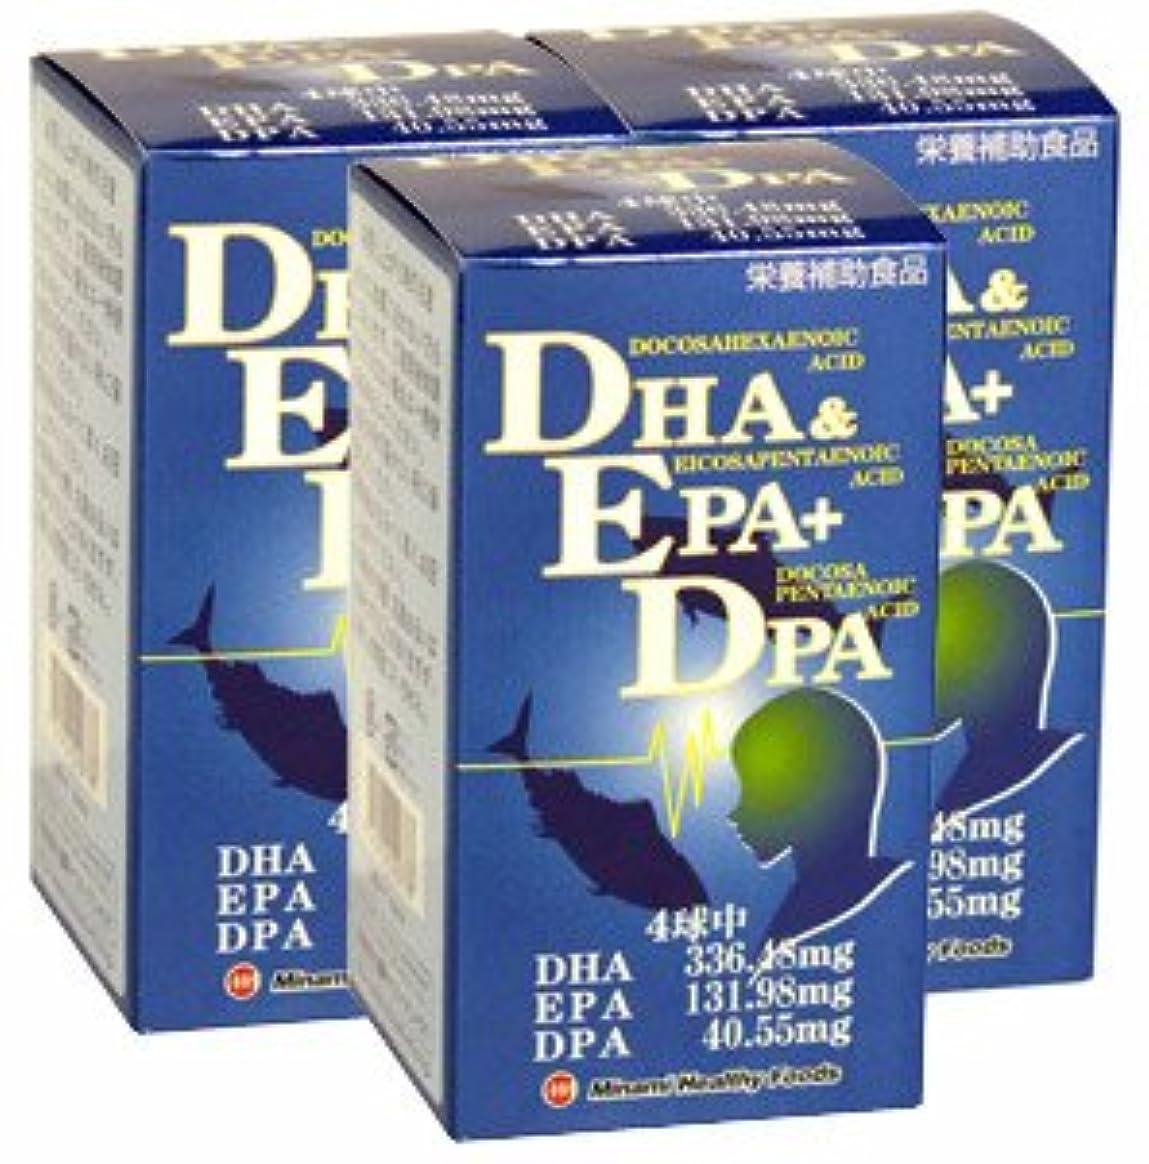 増強入手します予報DHA&EPA+DPA【3本セット】ミナミヘルシーフーズ